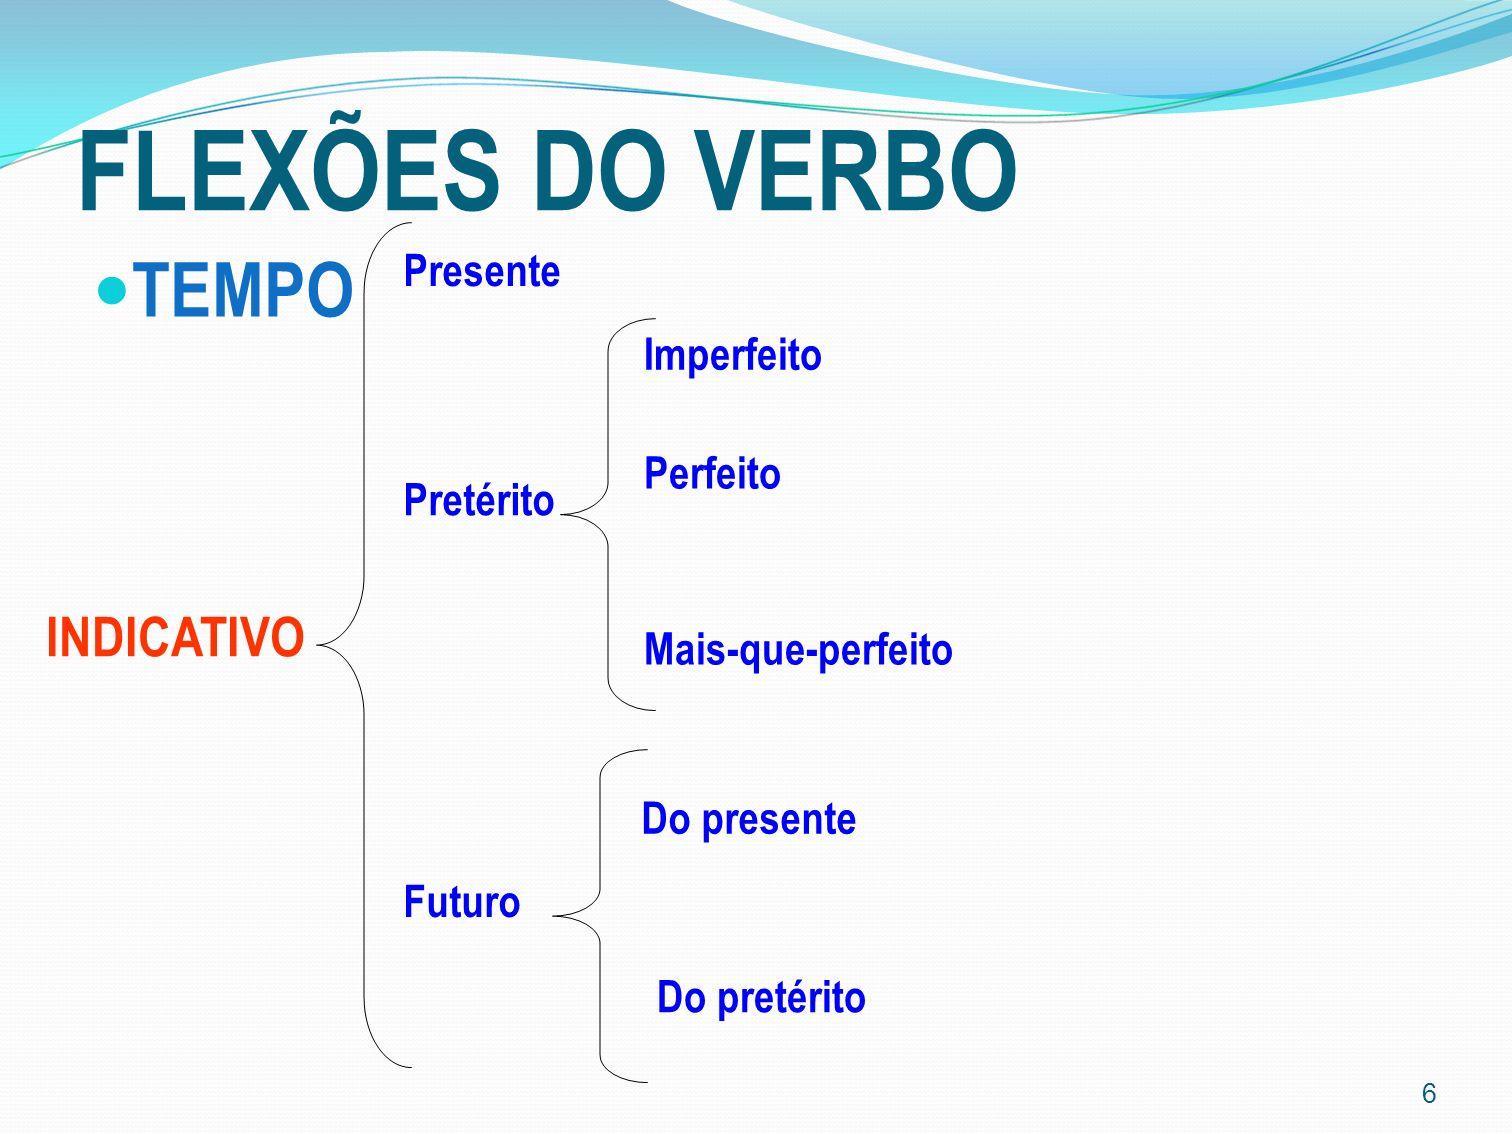 FLEXÕES DO VERBO TEMPO INDICATIVO Presente Imperfeito Perfeito